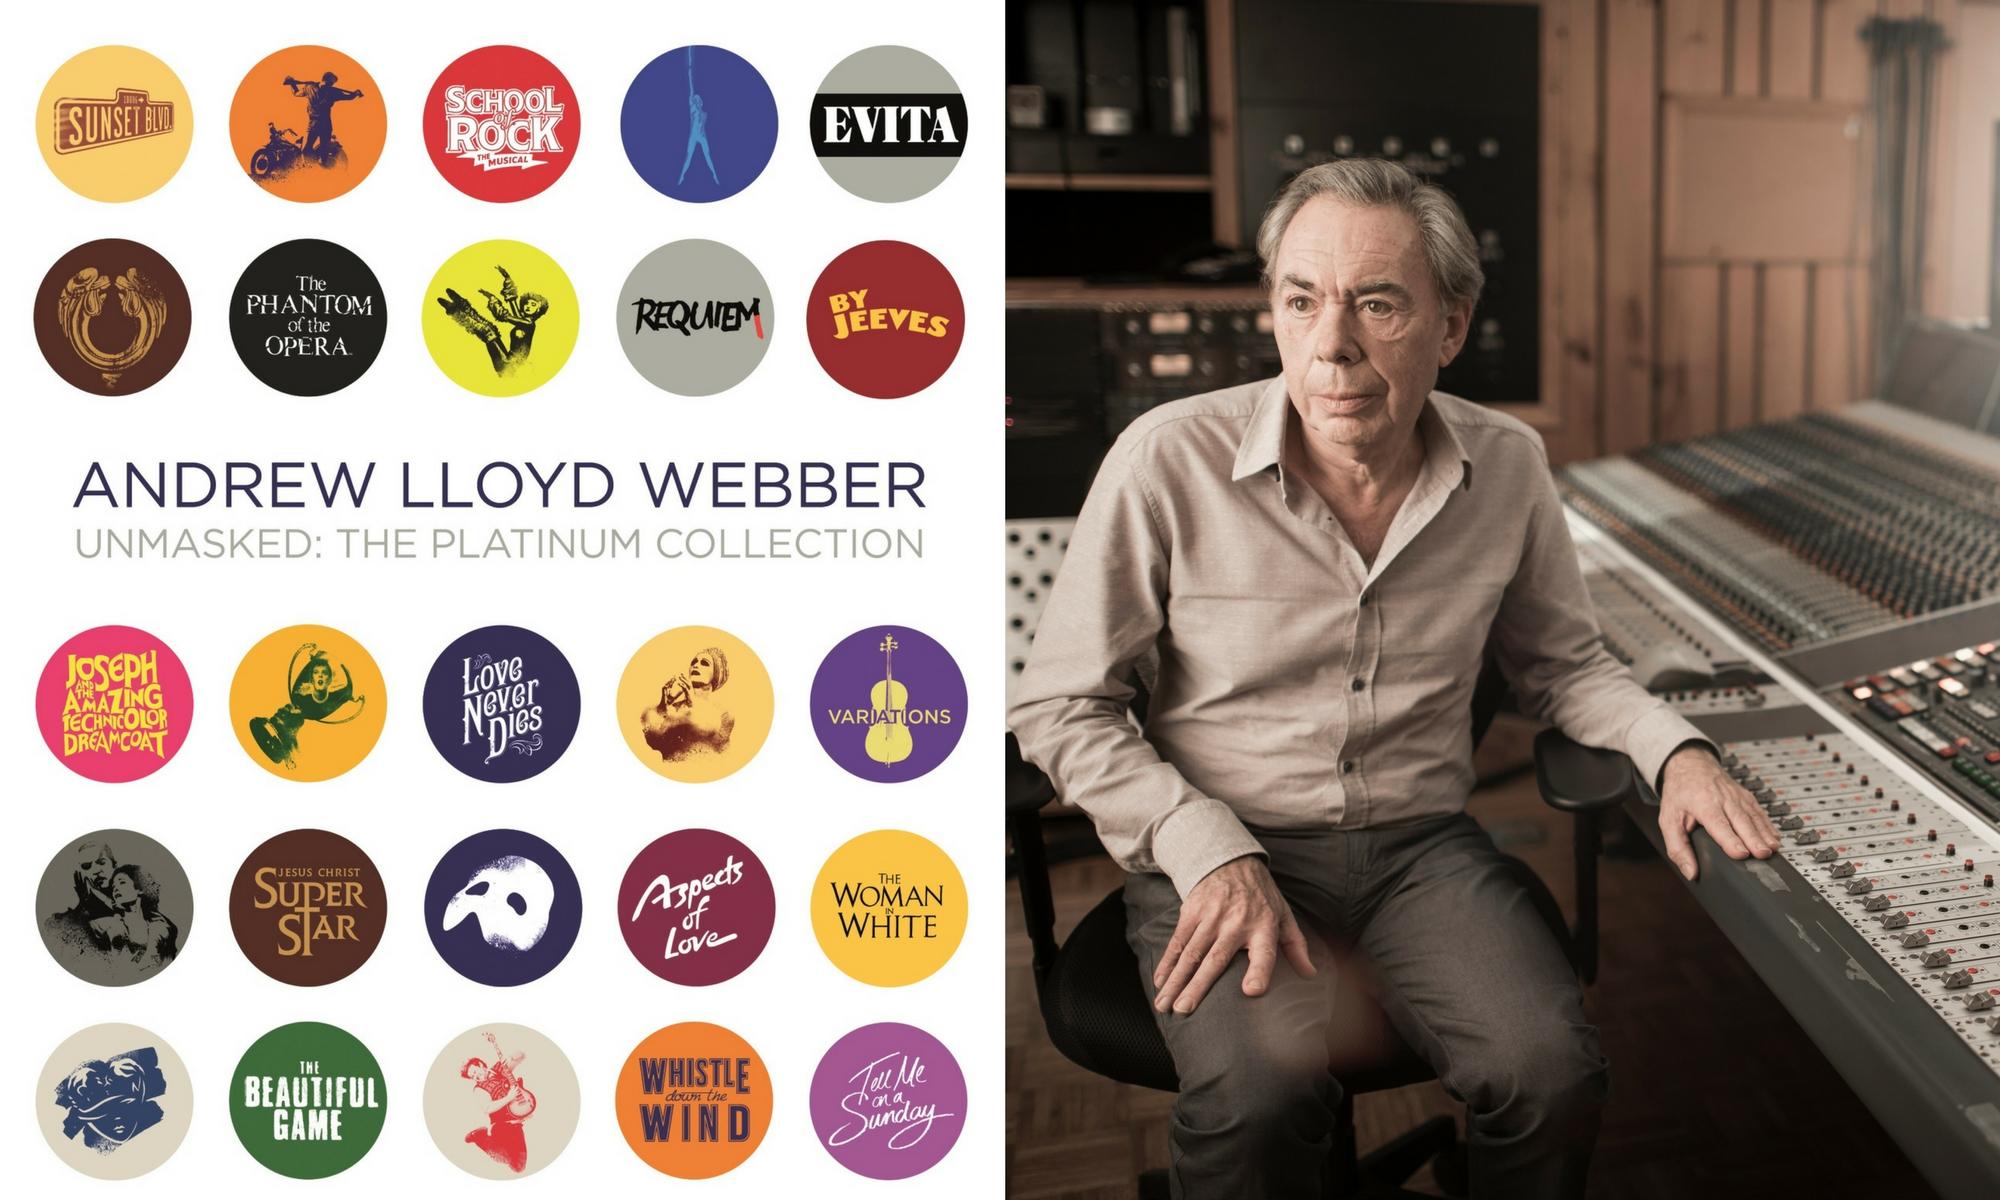 Andrew Lloyd Webber, Unmasled